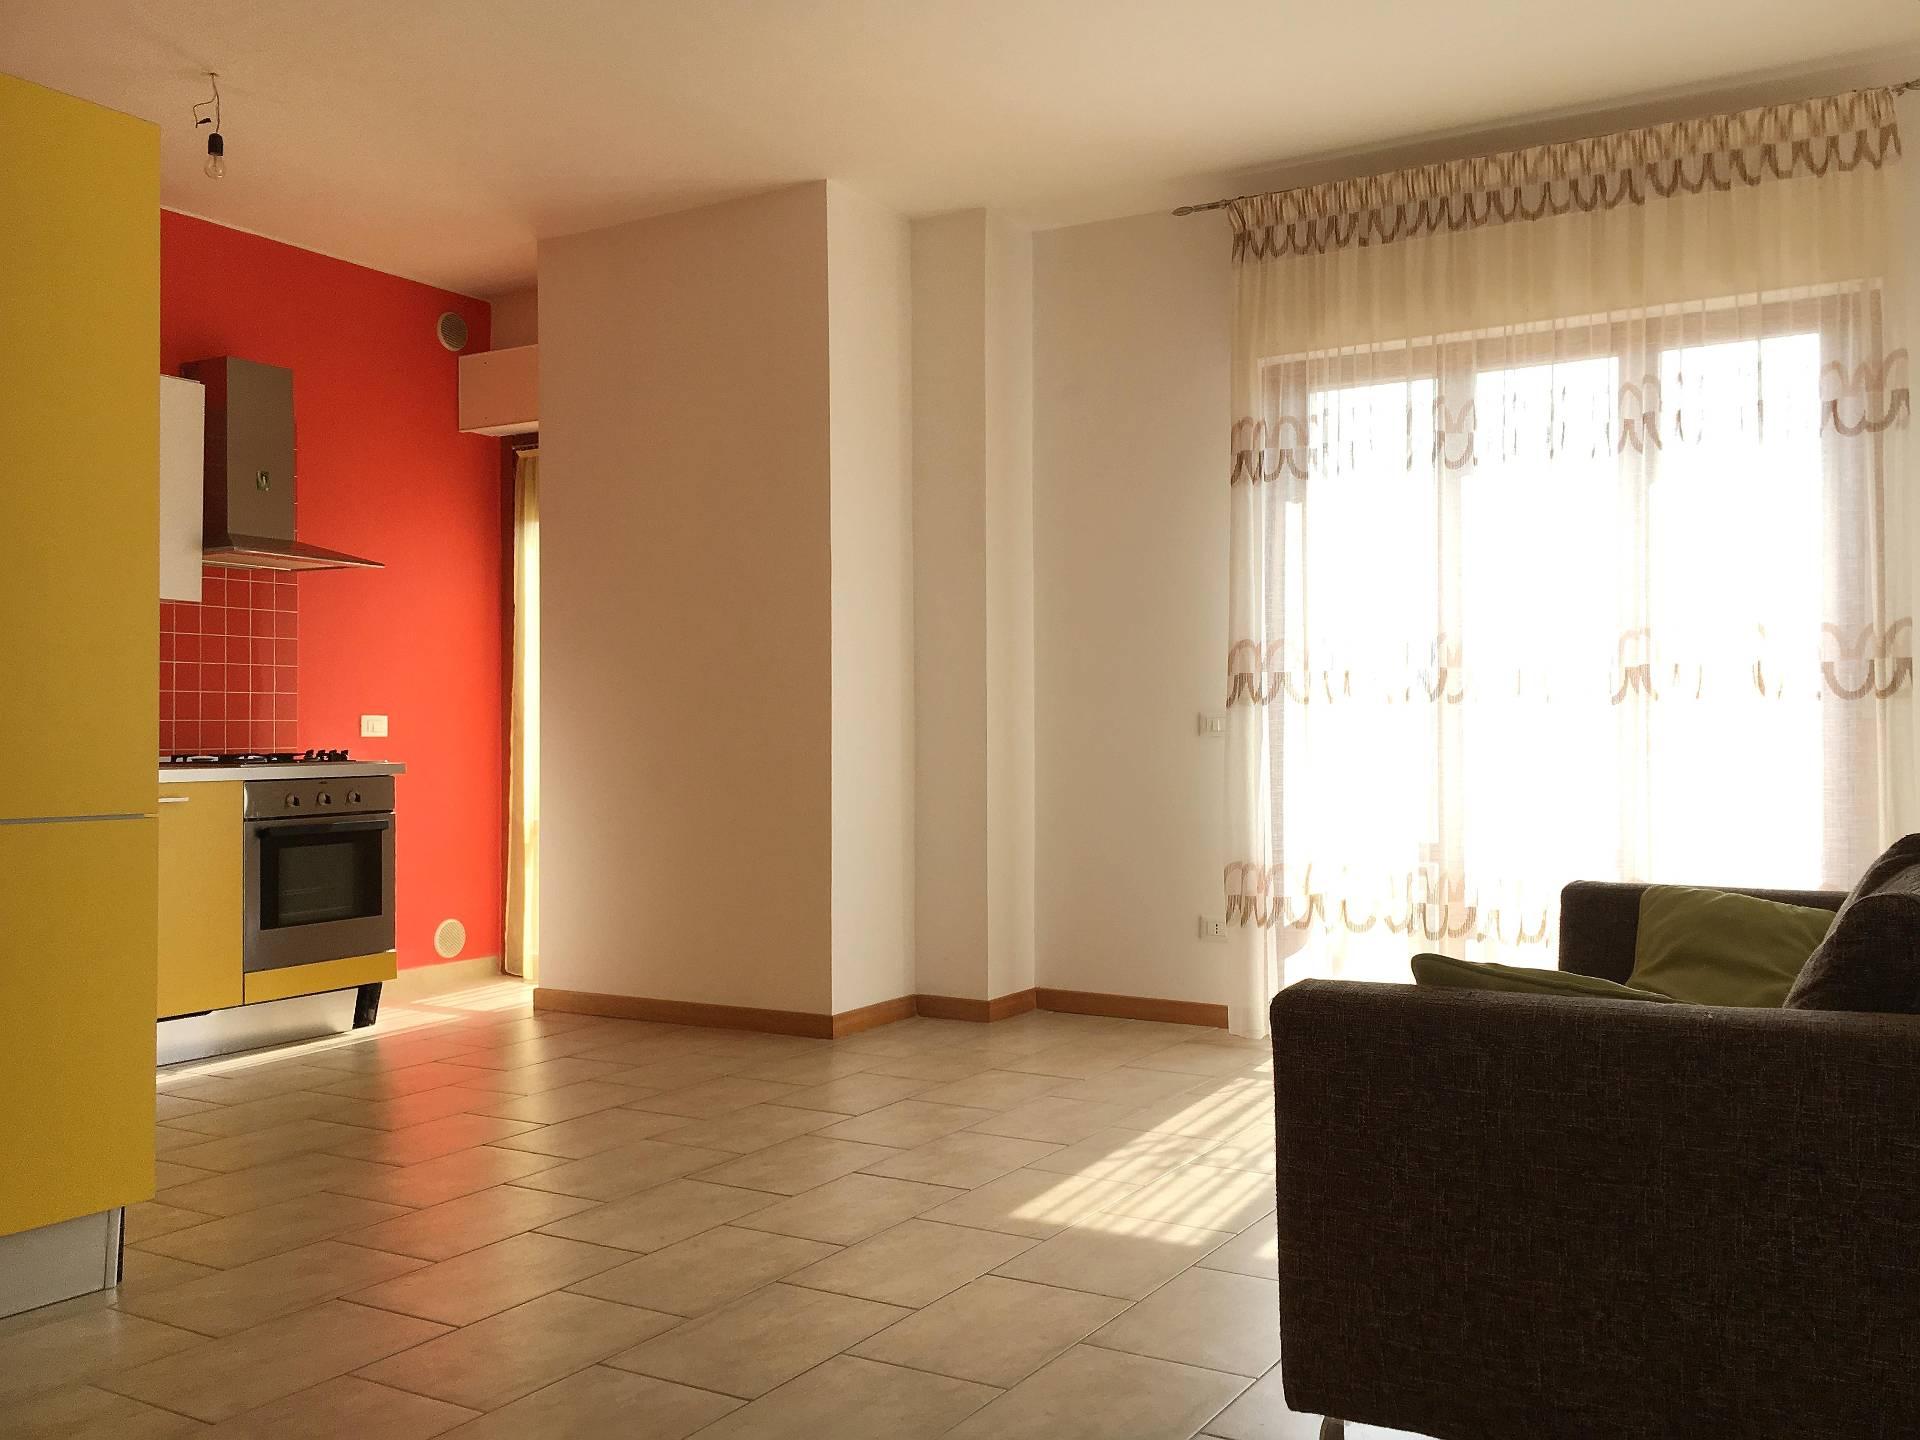 Appartamento in vendita a Sant'Egidio alla Vibrata, 3 locali, prezzo € 77.000 | Cambio Casa.it